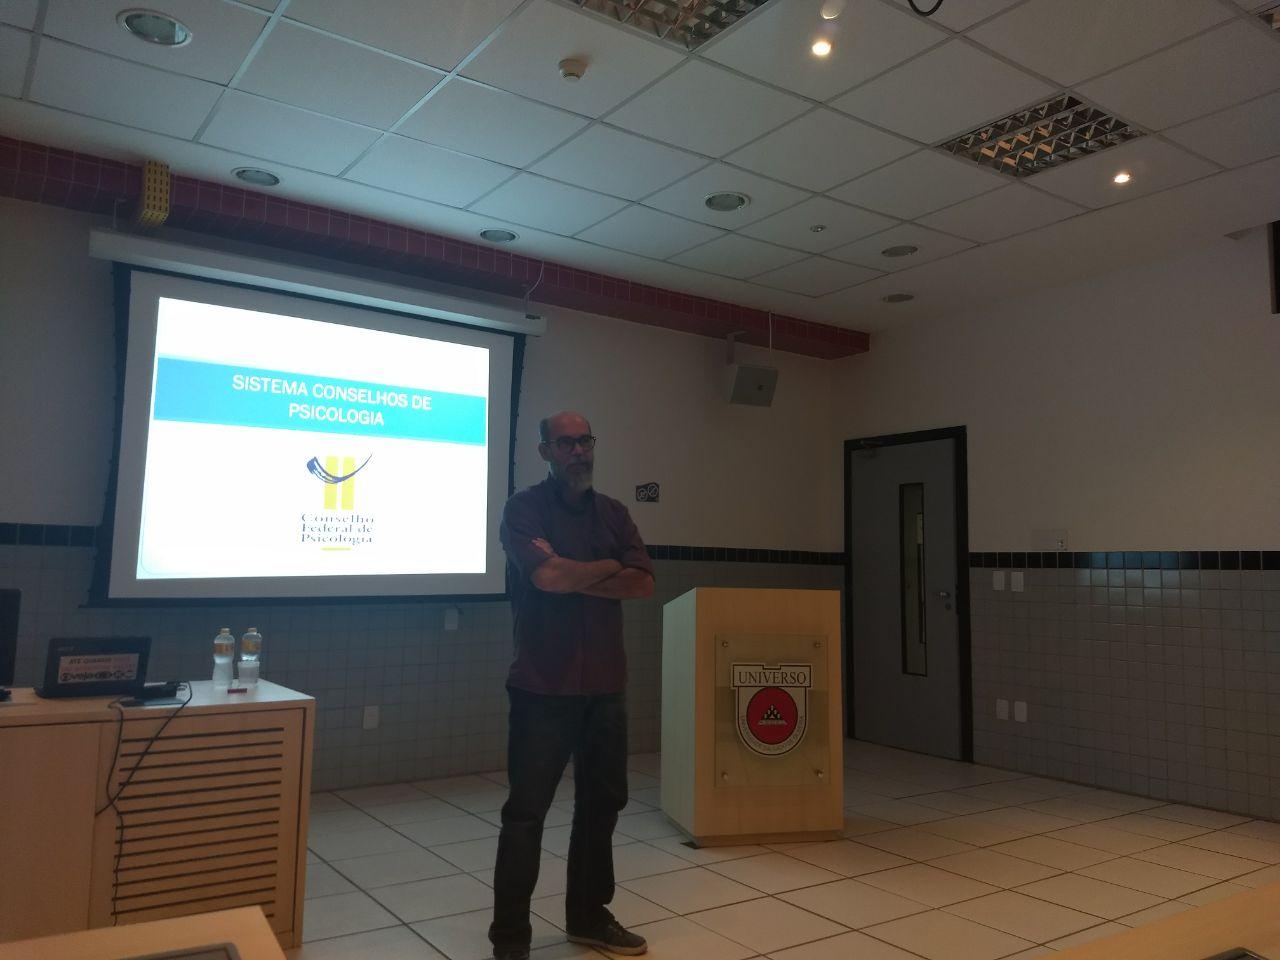 Curso de Psicologia realiza palestra com Conselho Federal de Psicologia - Universo Recife 2